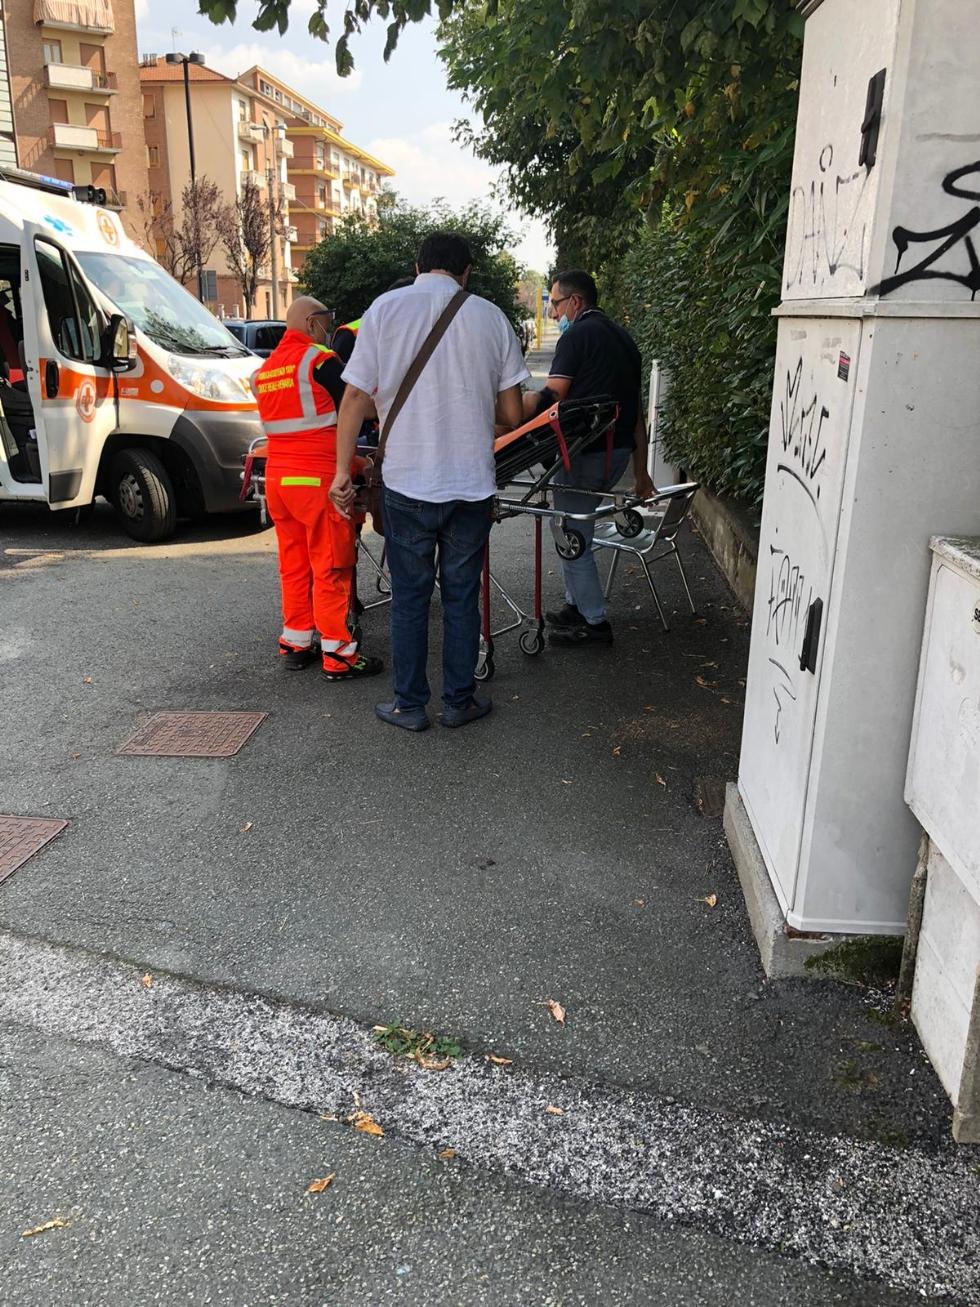 VENARIA - Investita mentre attraversa la strada in corso Garibaldi: 47enne in ospedale